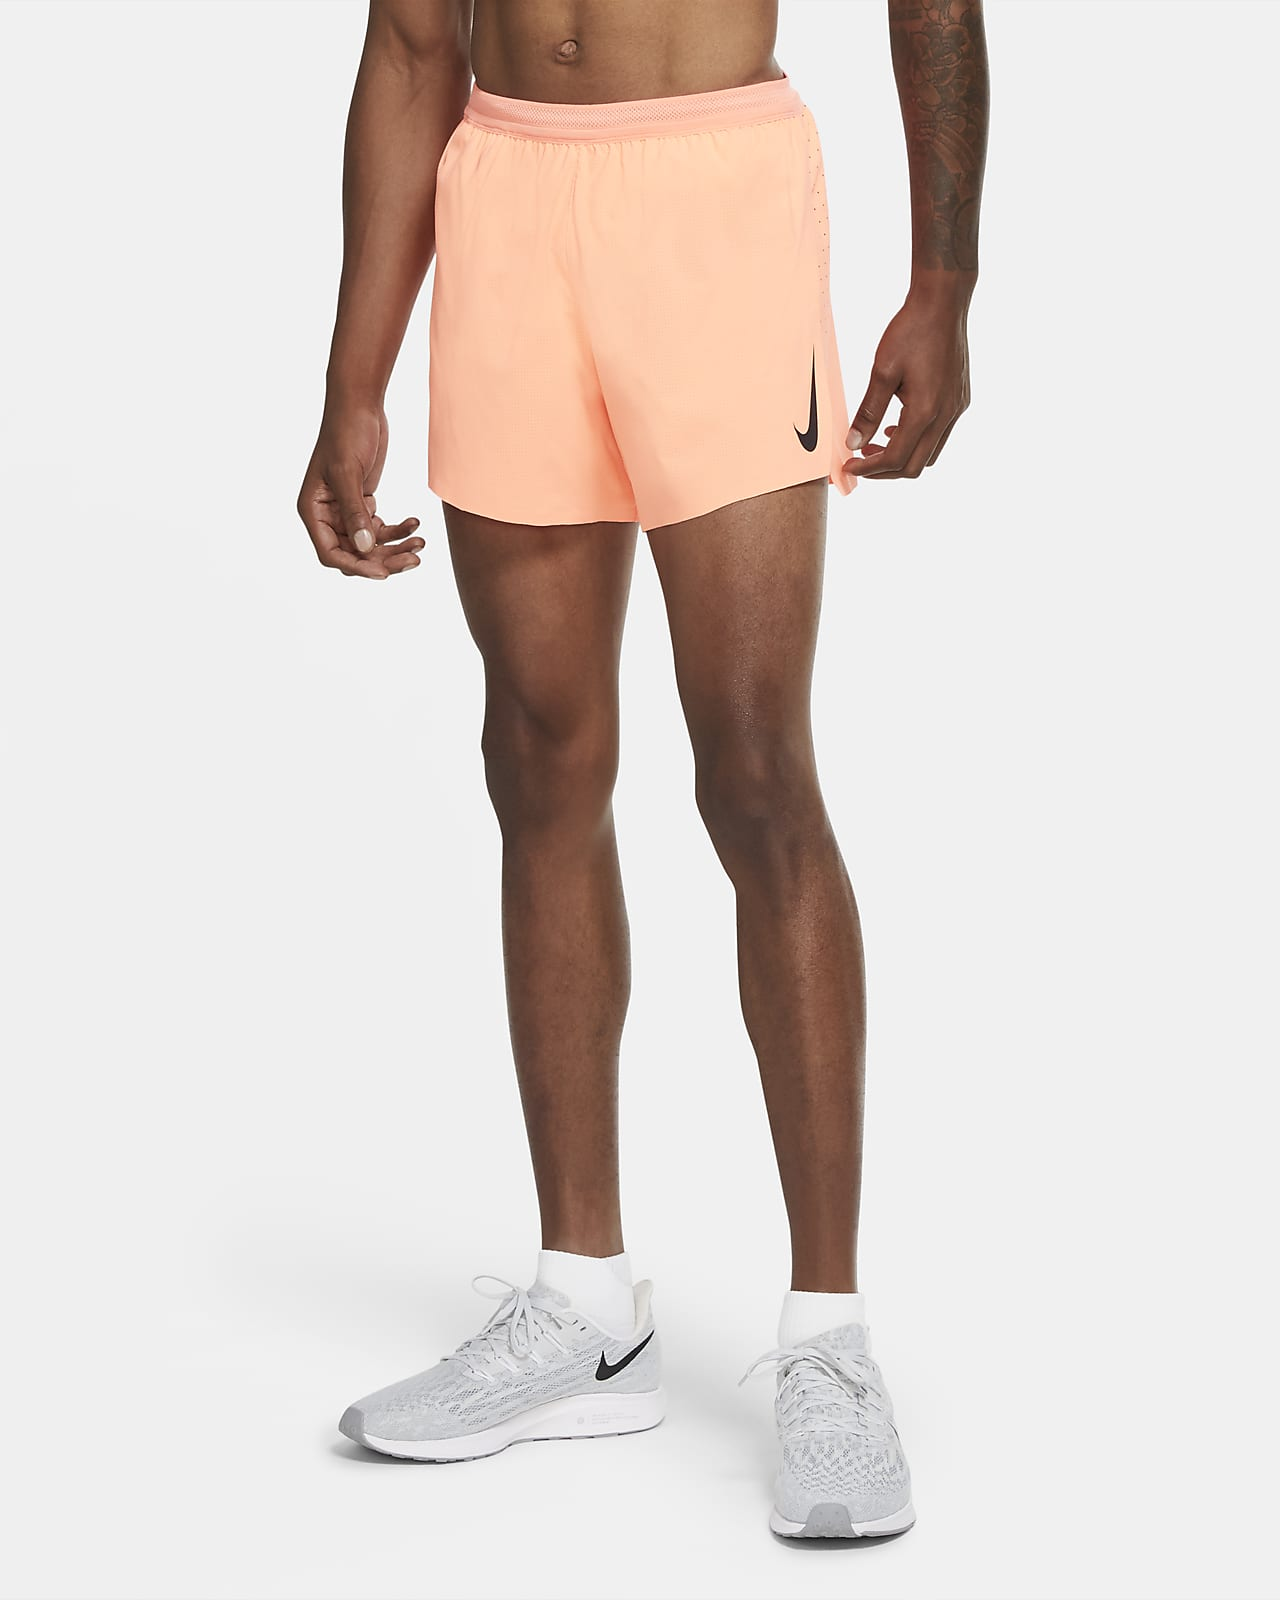 Nike AeroSwift Hardloopshorts van 10 cm voor heren